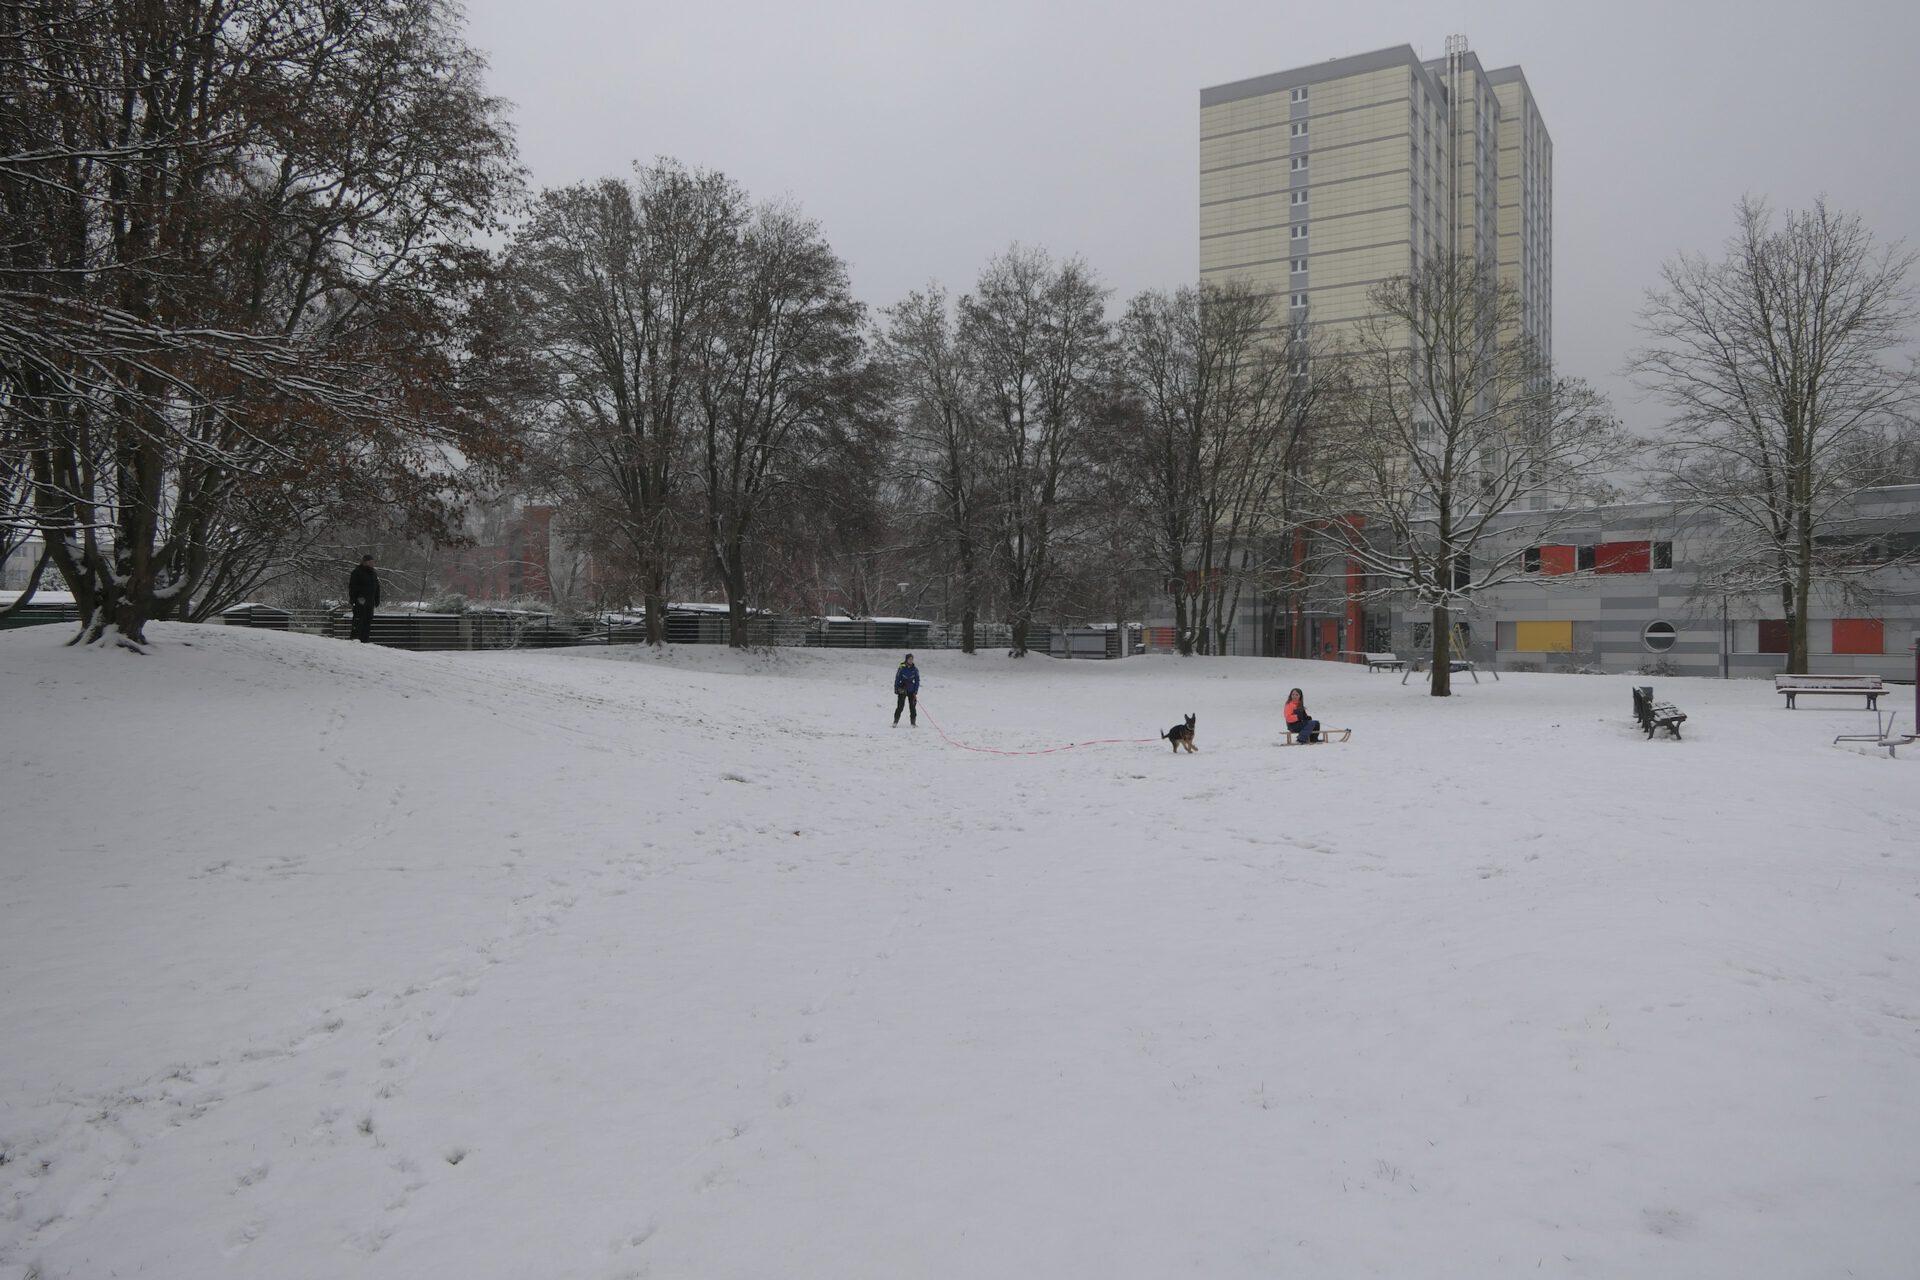 Schnee im Emil-Siering-Park